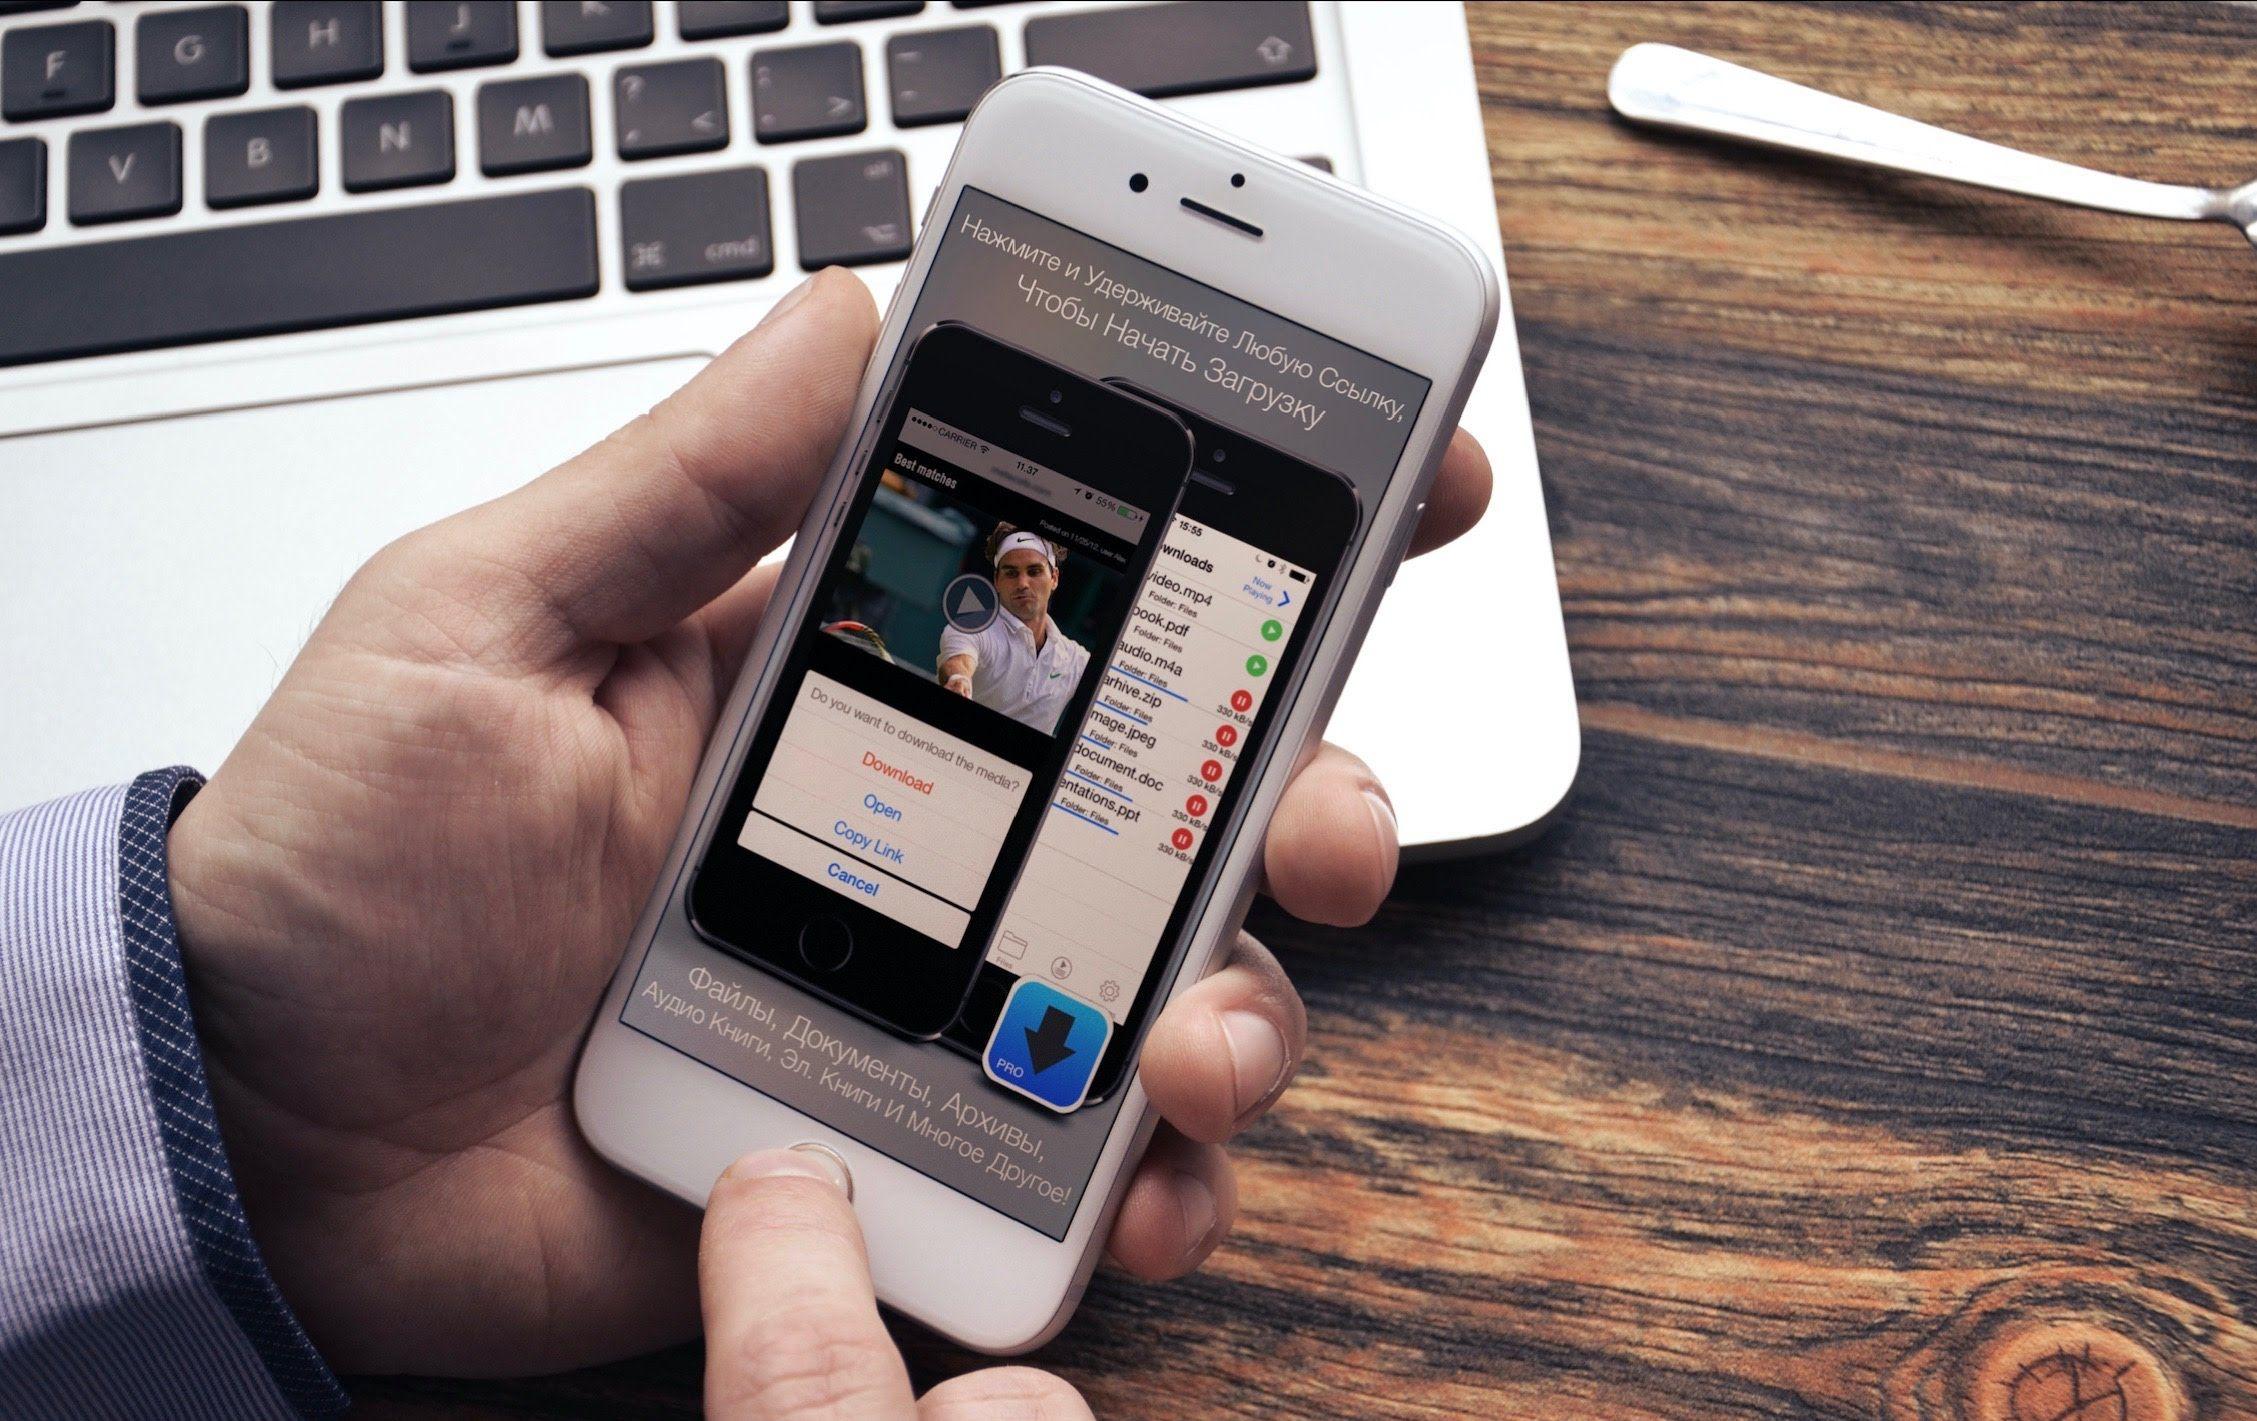 корюшке фото под музыку создать на айфон олимпийский